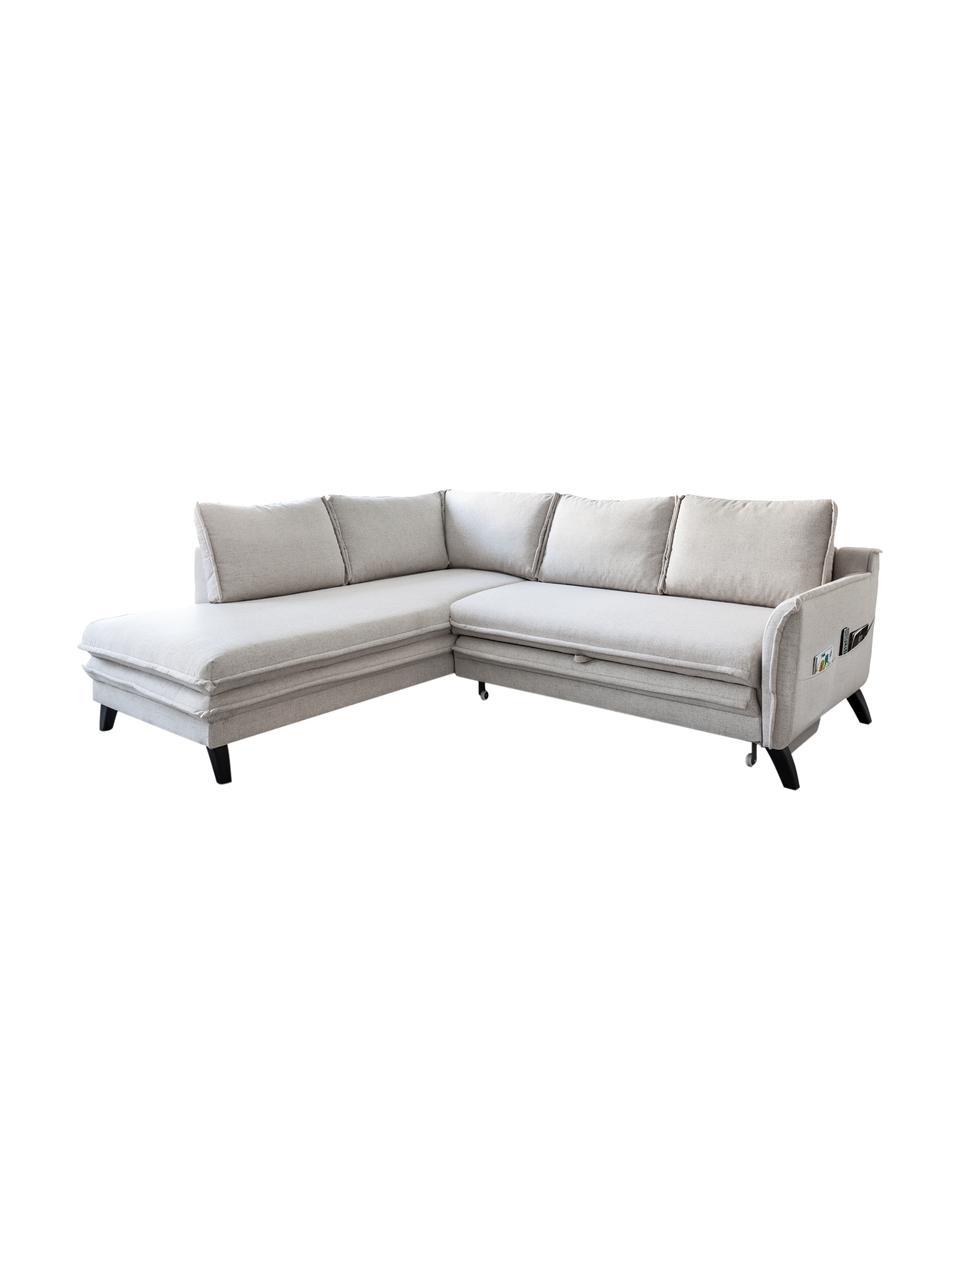 Sofa narożna z funkcją spania Charming Charlie, Tapicerka: 100% poliester, w dotyku , Stelaż: drewno naturalne, płyta w, Beżowy, S 230 x G 200 cm